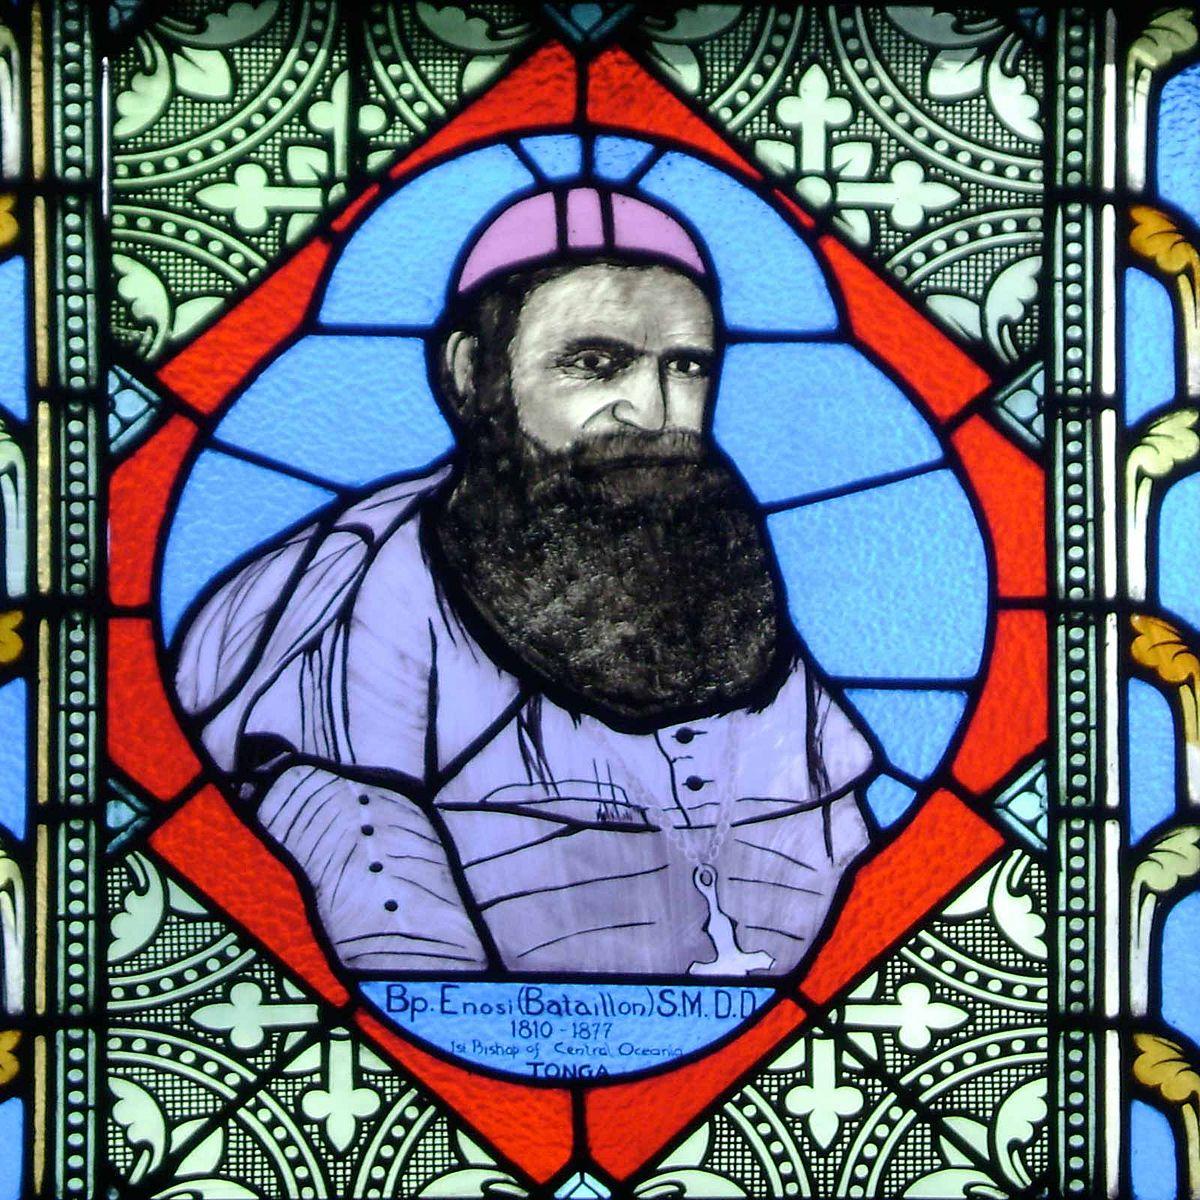 L'évêque Pierre Bataillon instaura une véritable théocratie à Wallis ; il reçut Marceau le 20 octobre 1846.